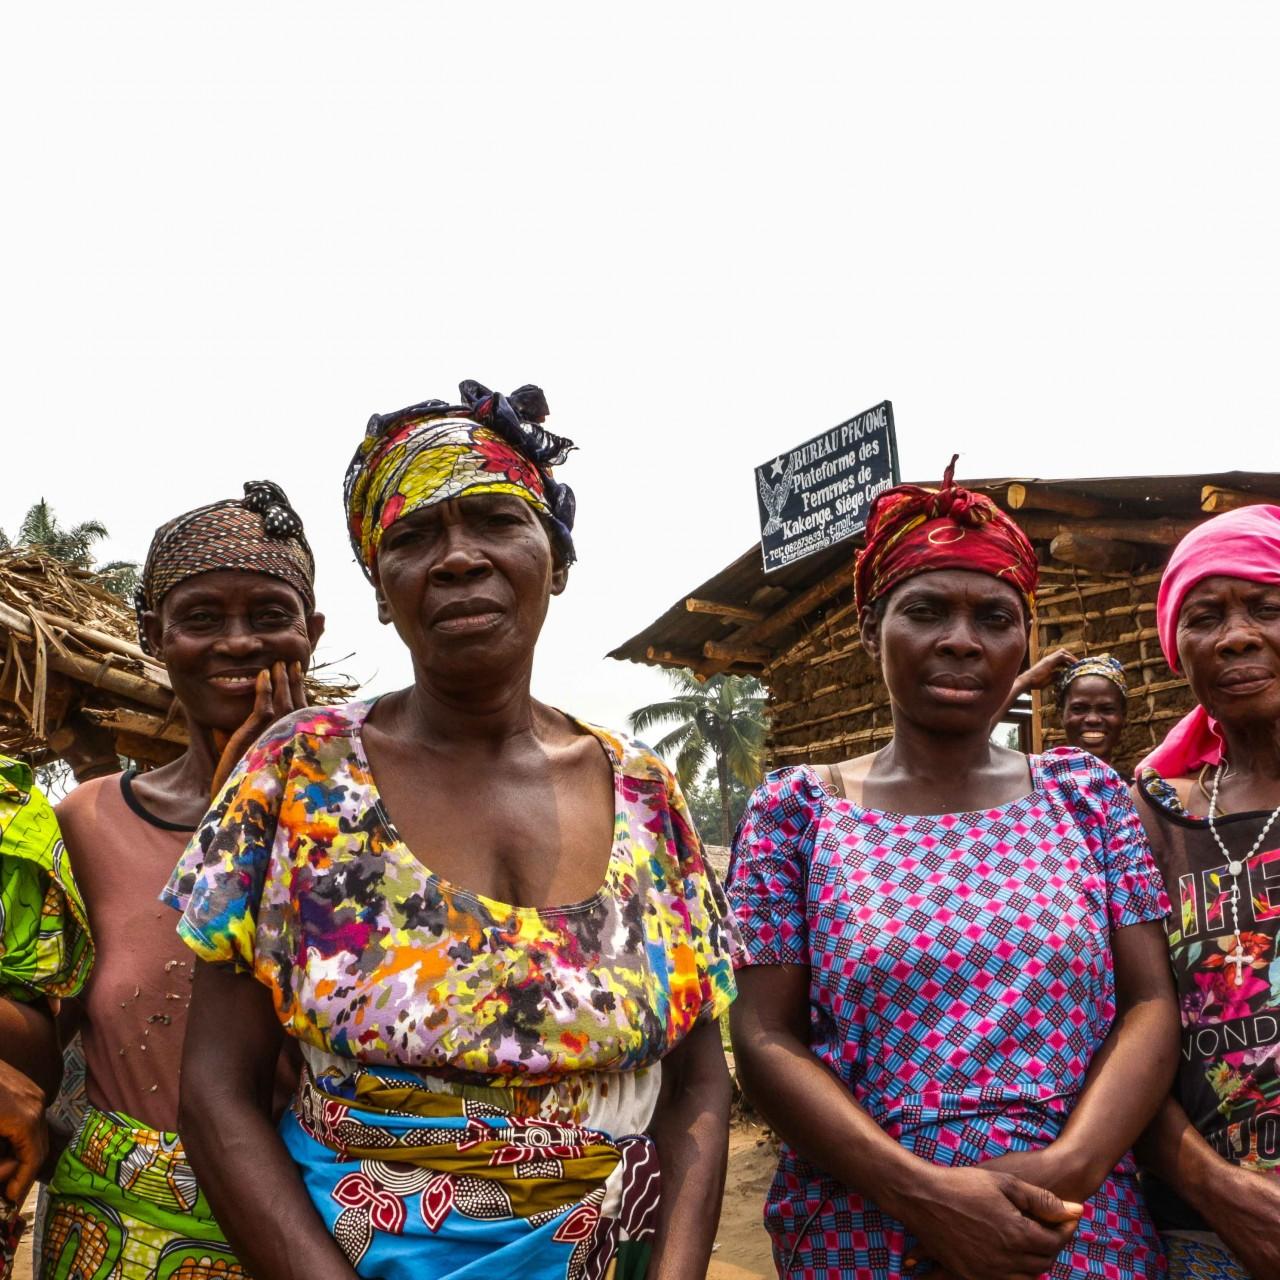 Rencontre Femme République démocratique du Congo Marie 36ans, 164cm et 63kg - BlackAndBeauties